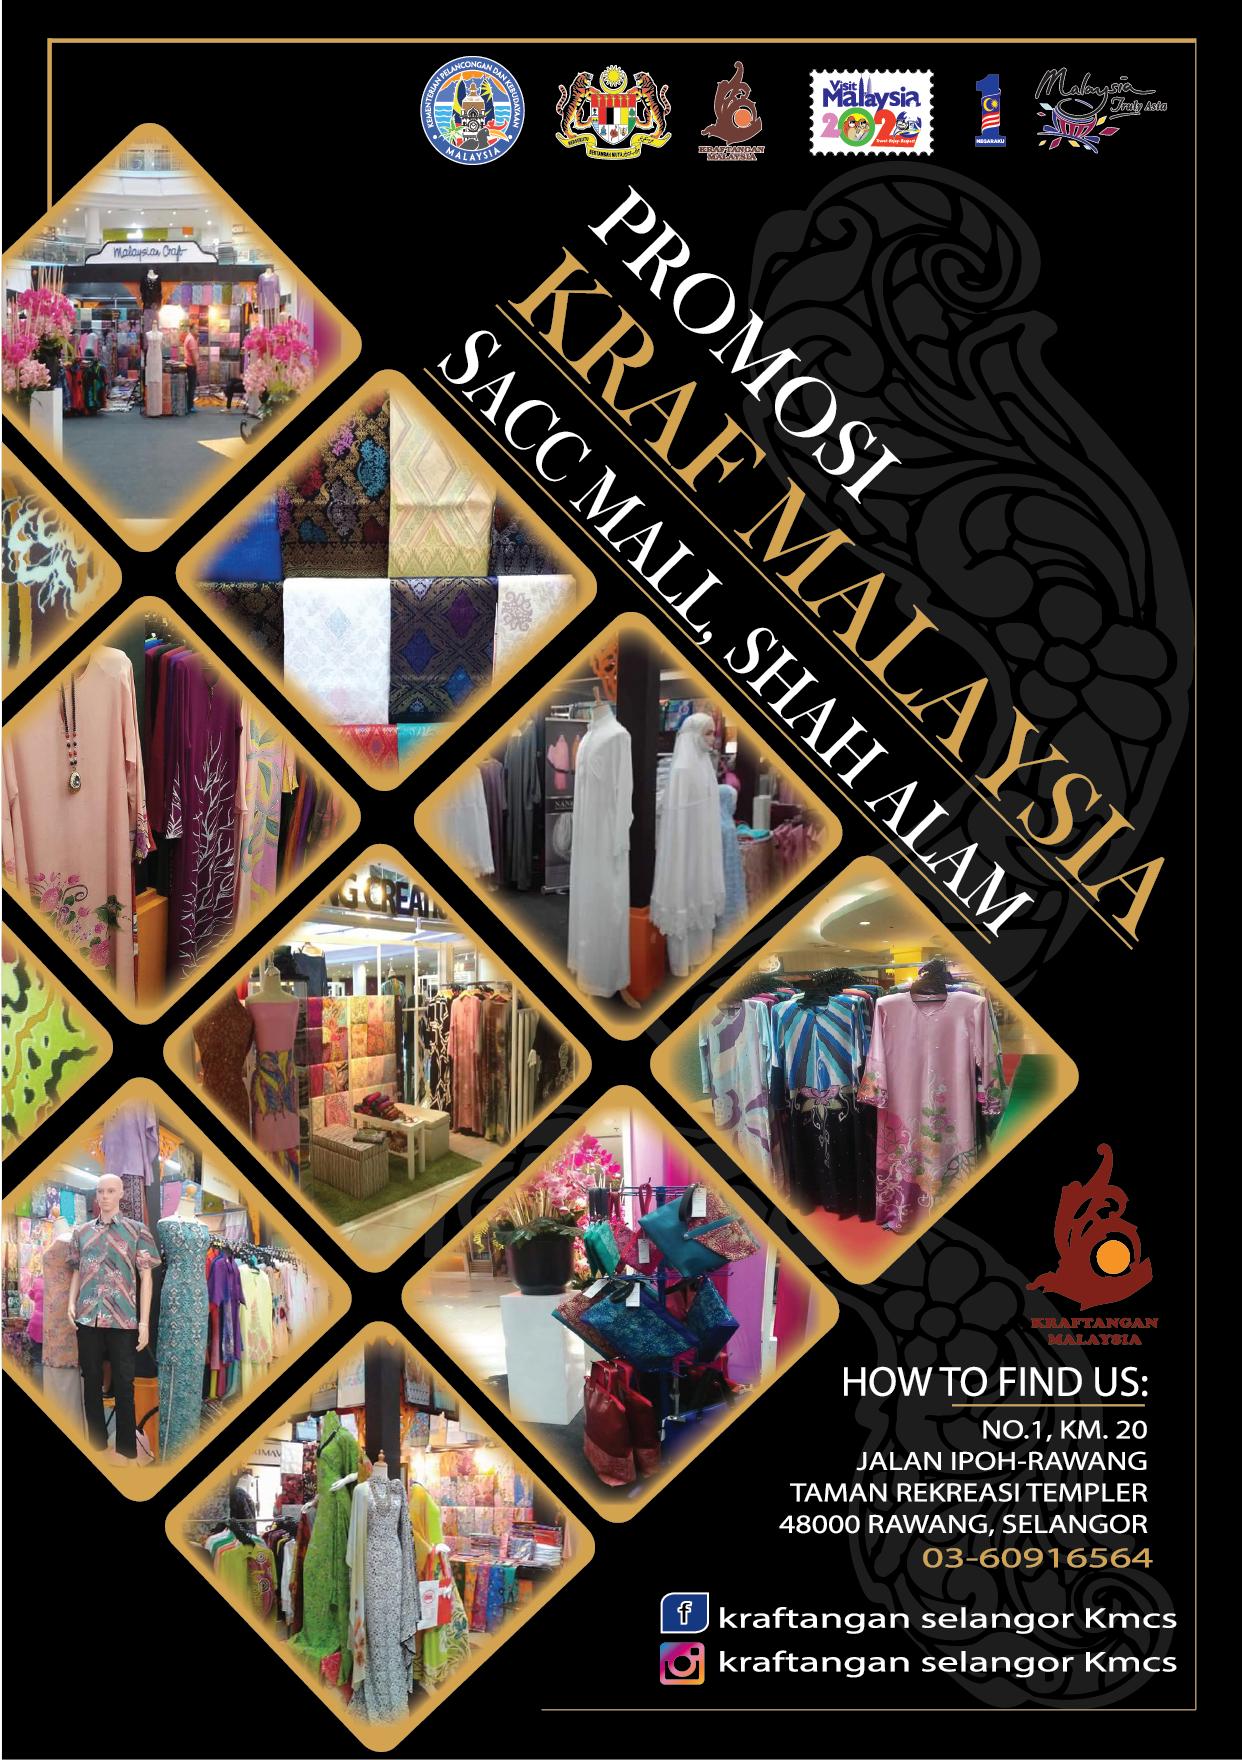 Promosi Kraf Malaysia 2018